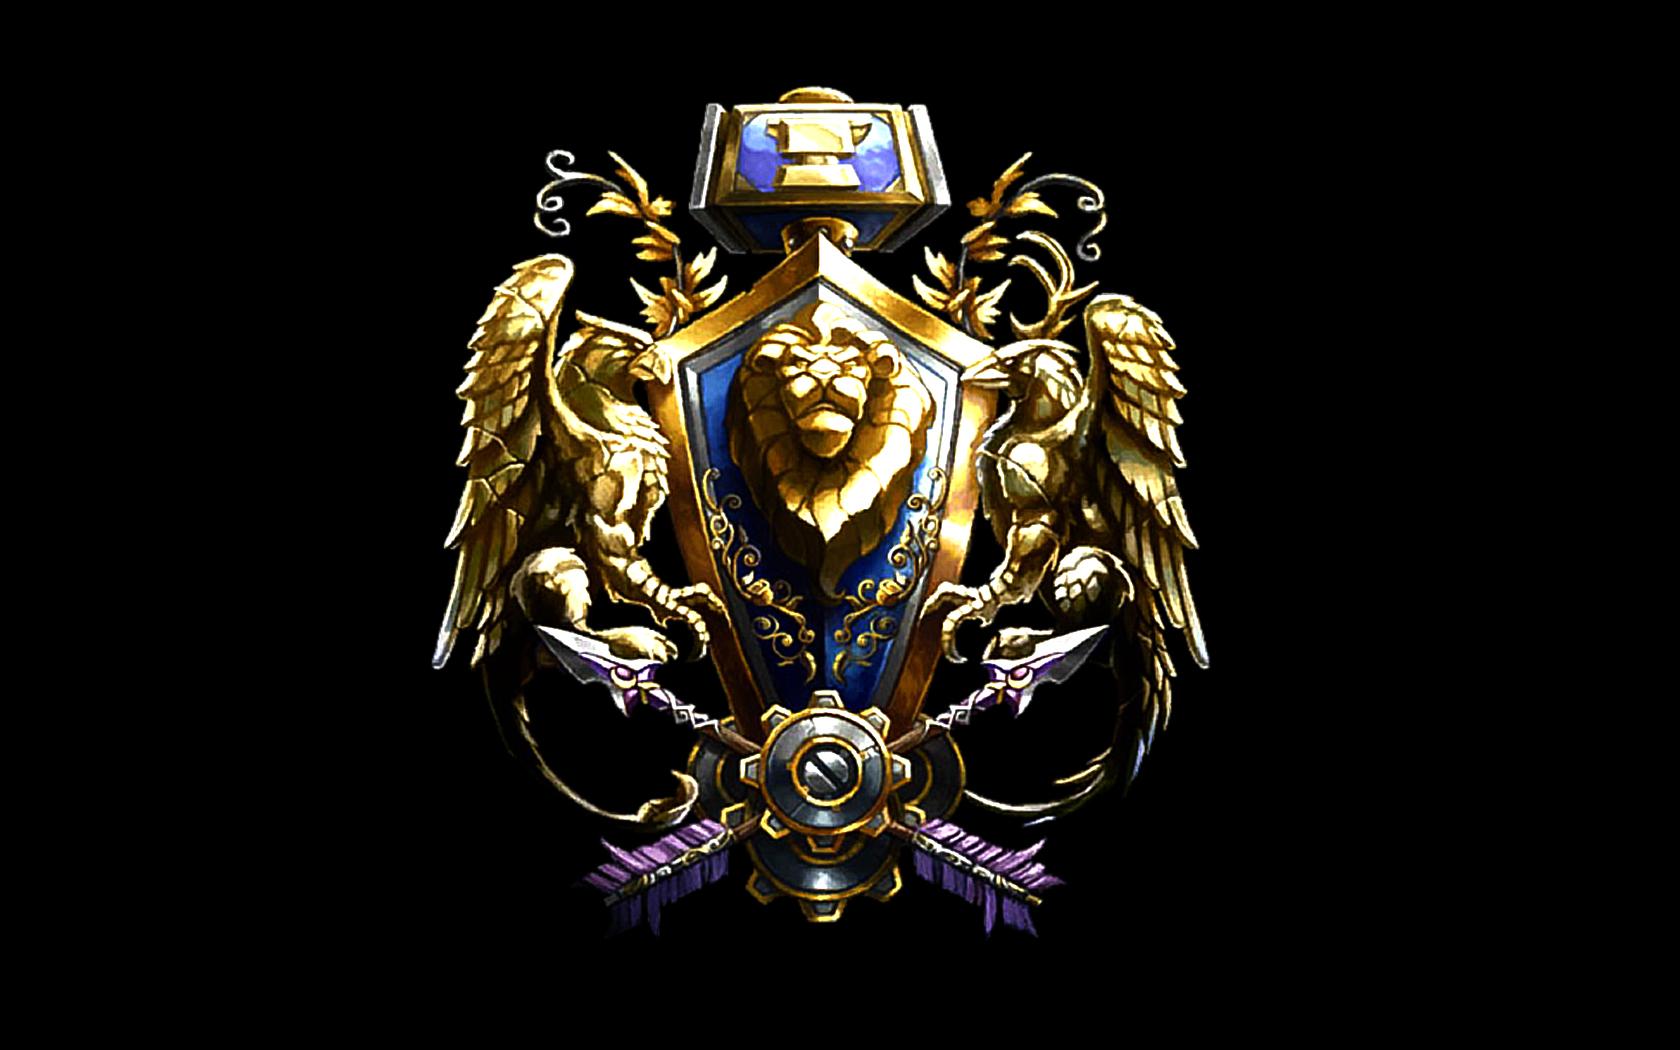 World Of Warcraft Alliance Wallpaper Sf Wallpaper